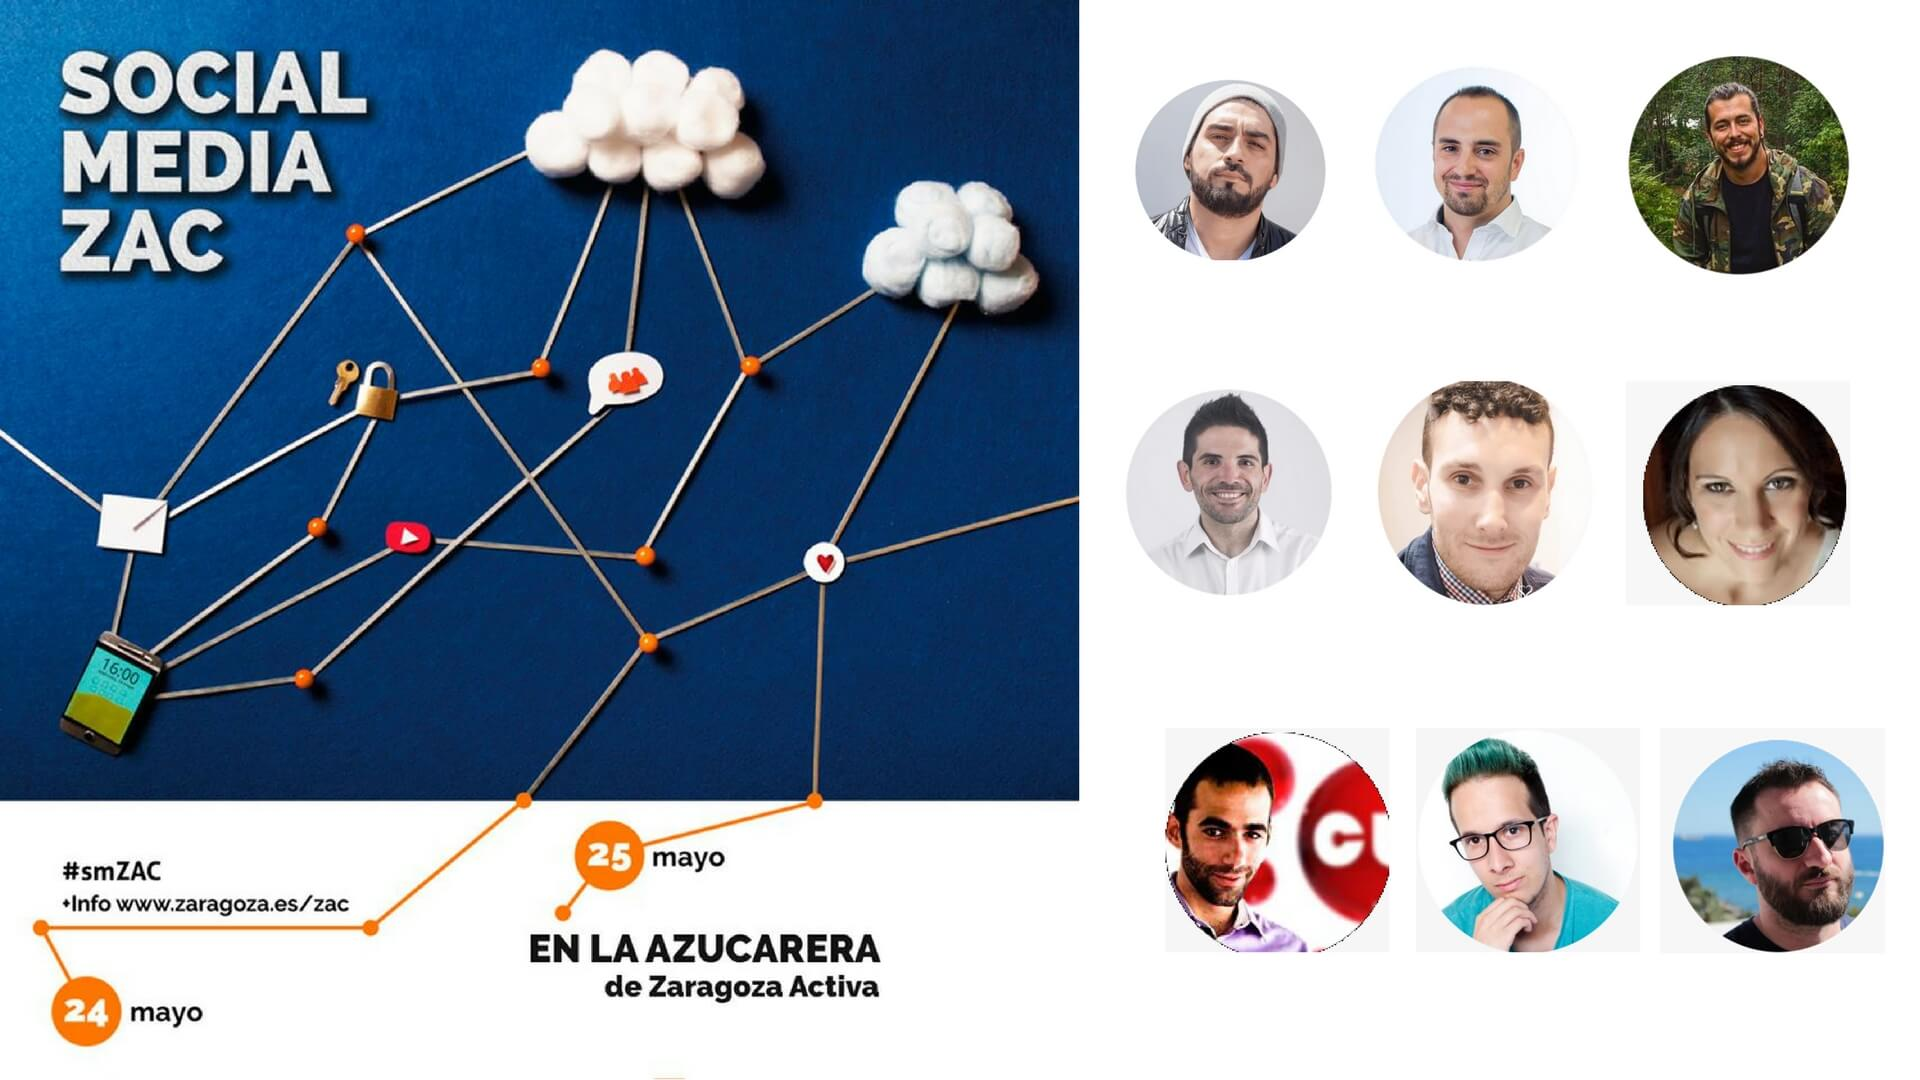 Aprende Social Media y Marketing con el Congreso Gratuito Social Media ZAC Zaragoza